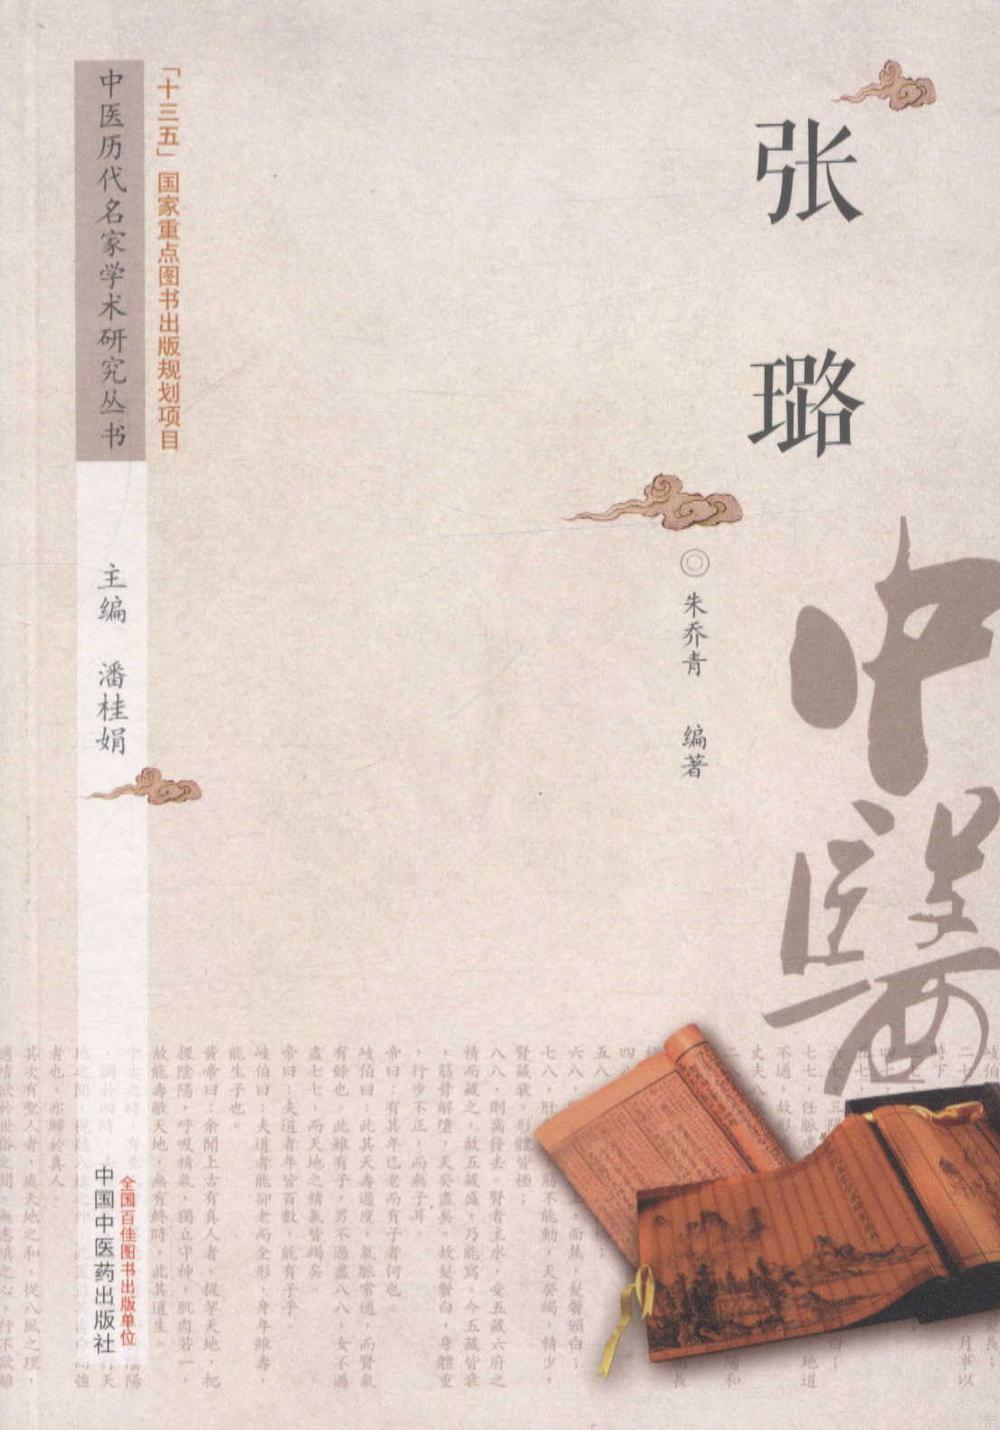 中國歷代名家學術研究叢書:張璐